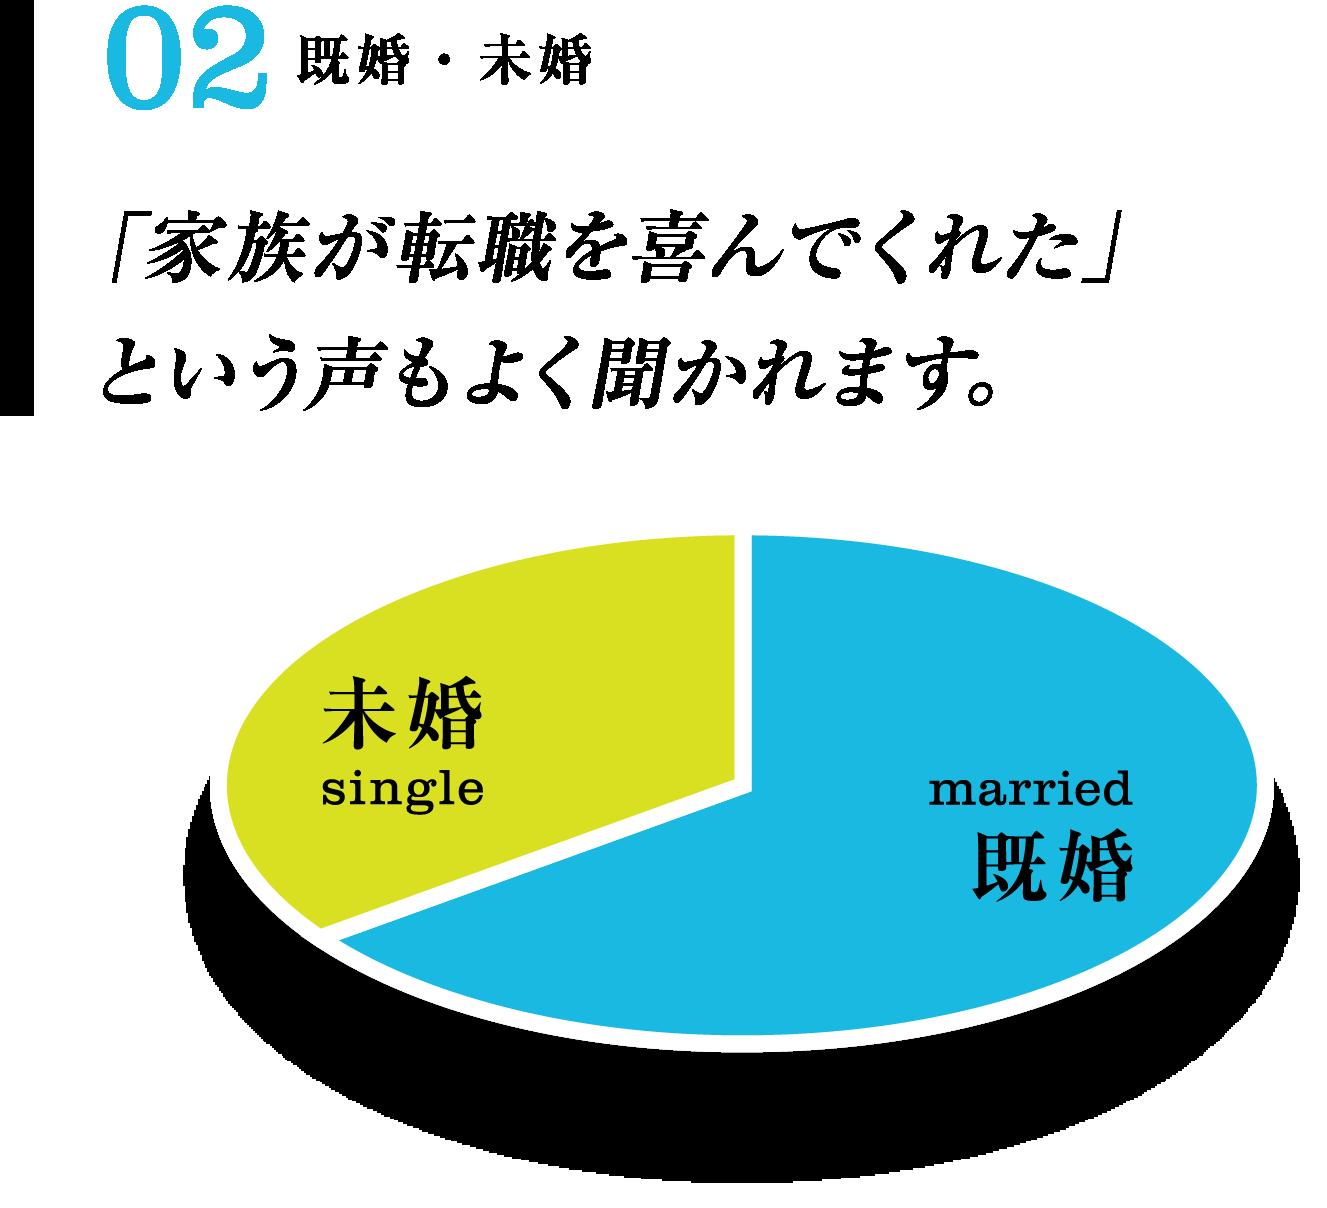 既婚・未婚 「家族が転職を喜んでくれた」という声もよく聞かれます。